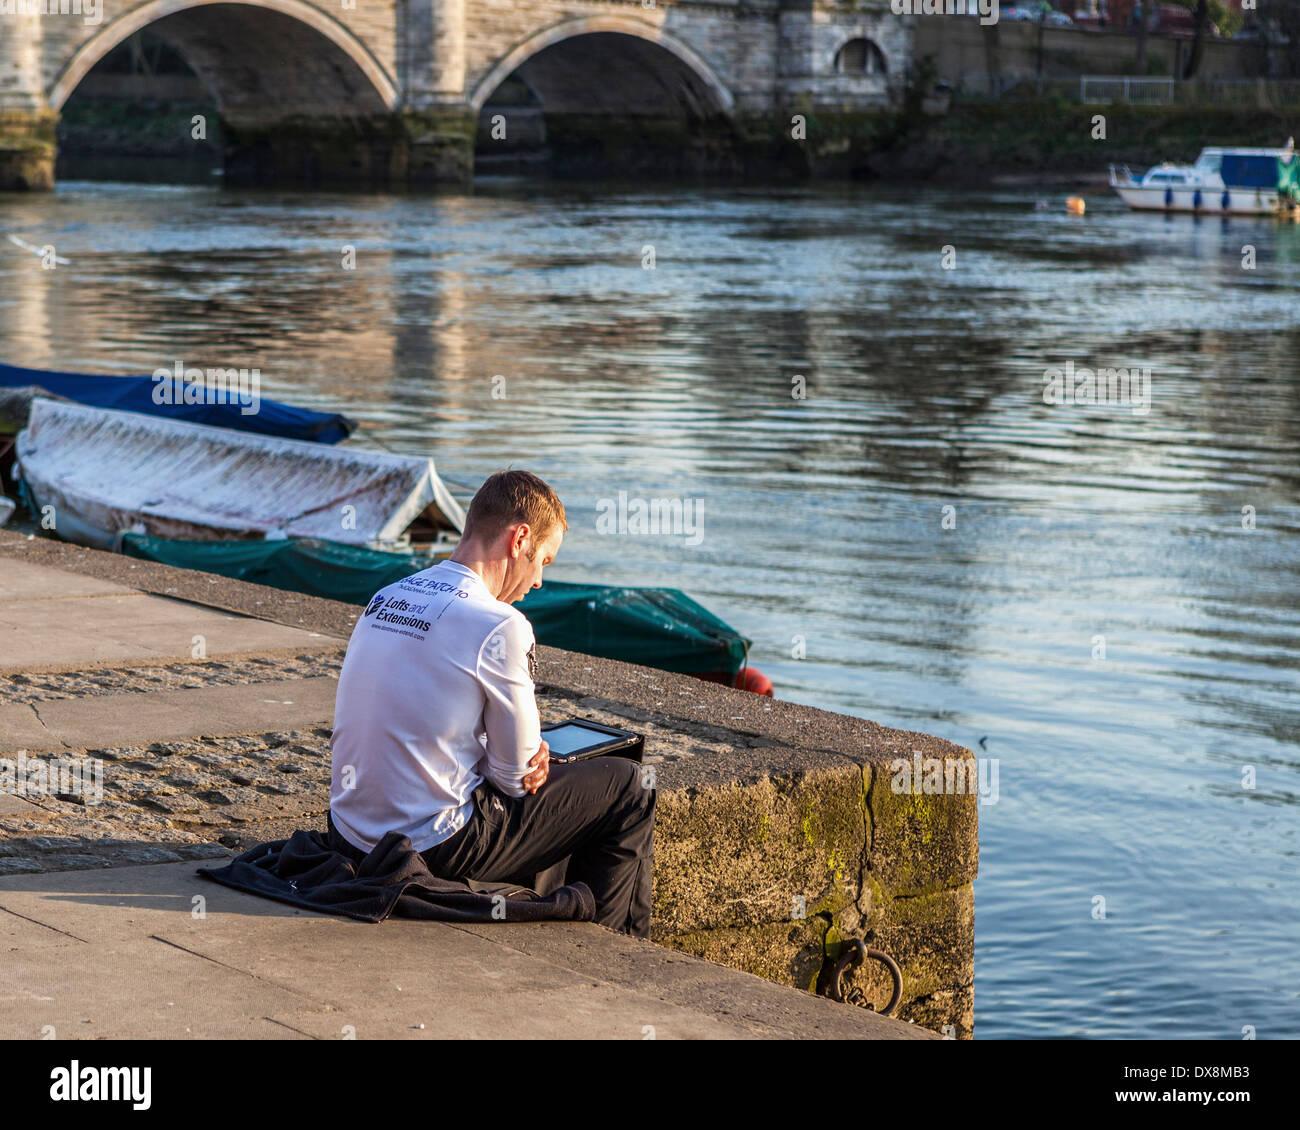 Jeune homme utilise e-reader sur les rives de la Tamise - Richmond upon Thames, London, UK Photo Stock